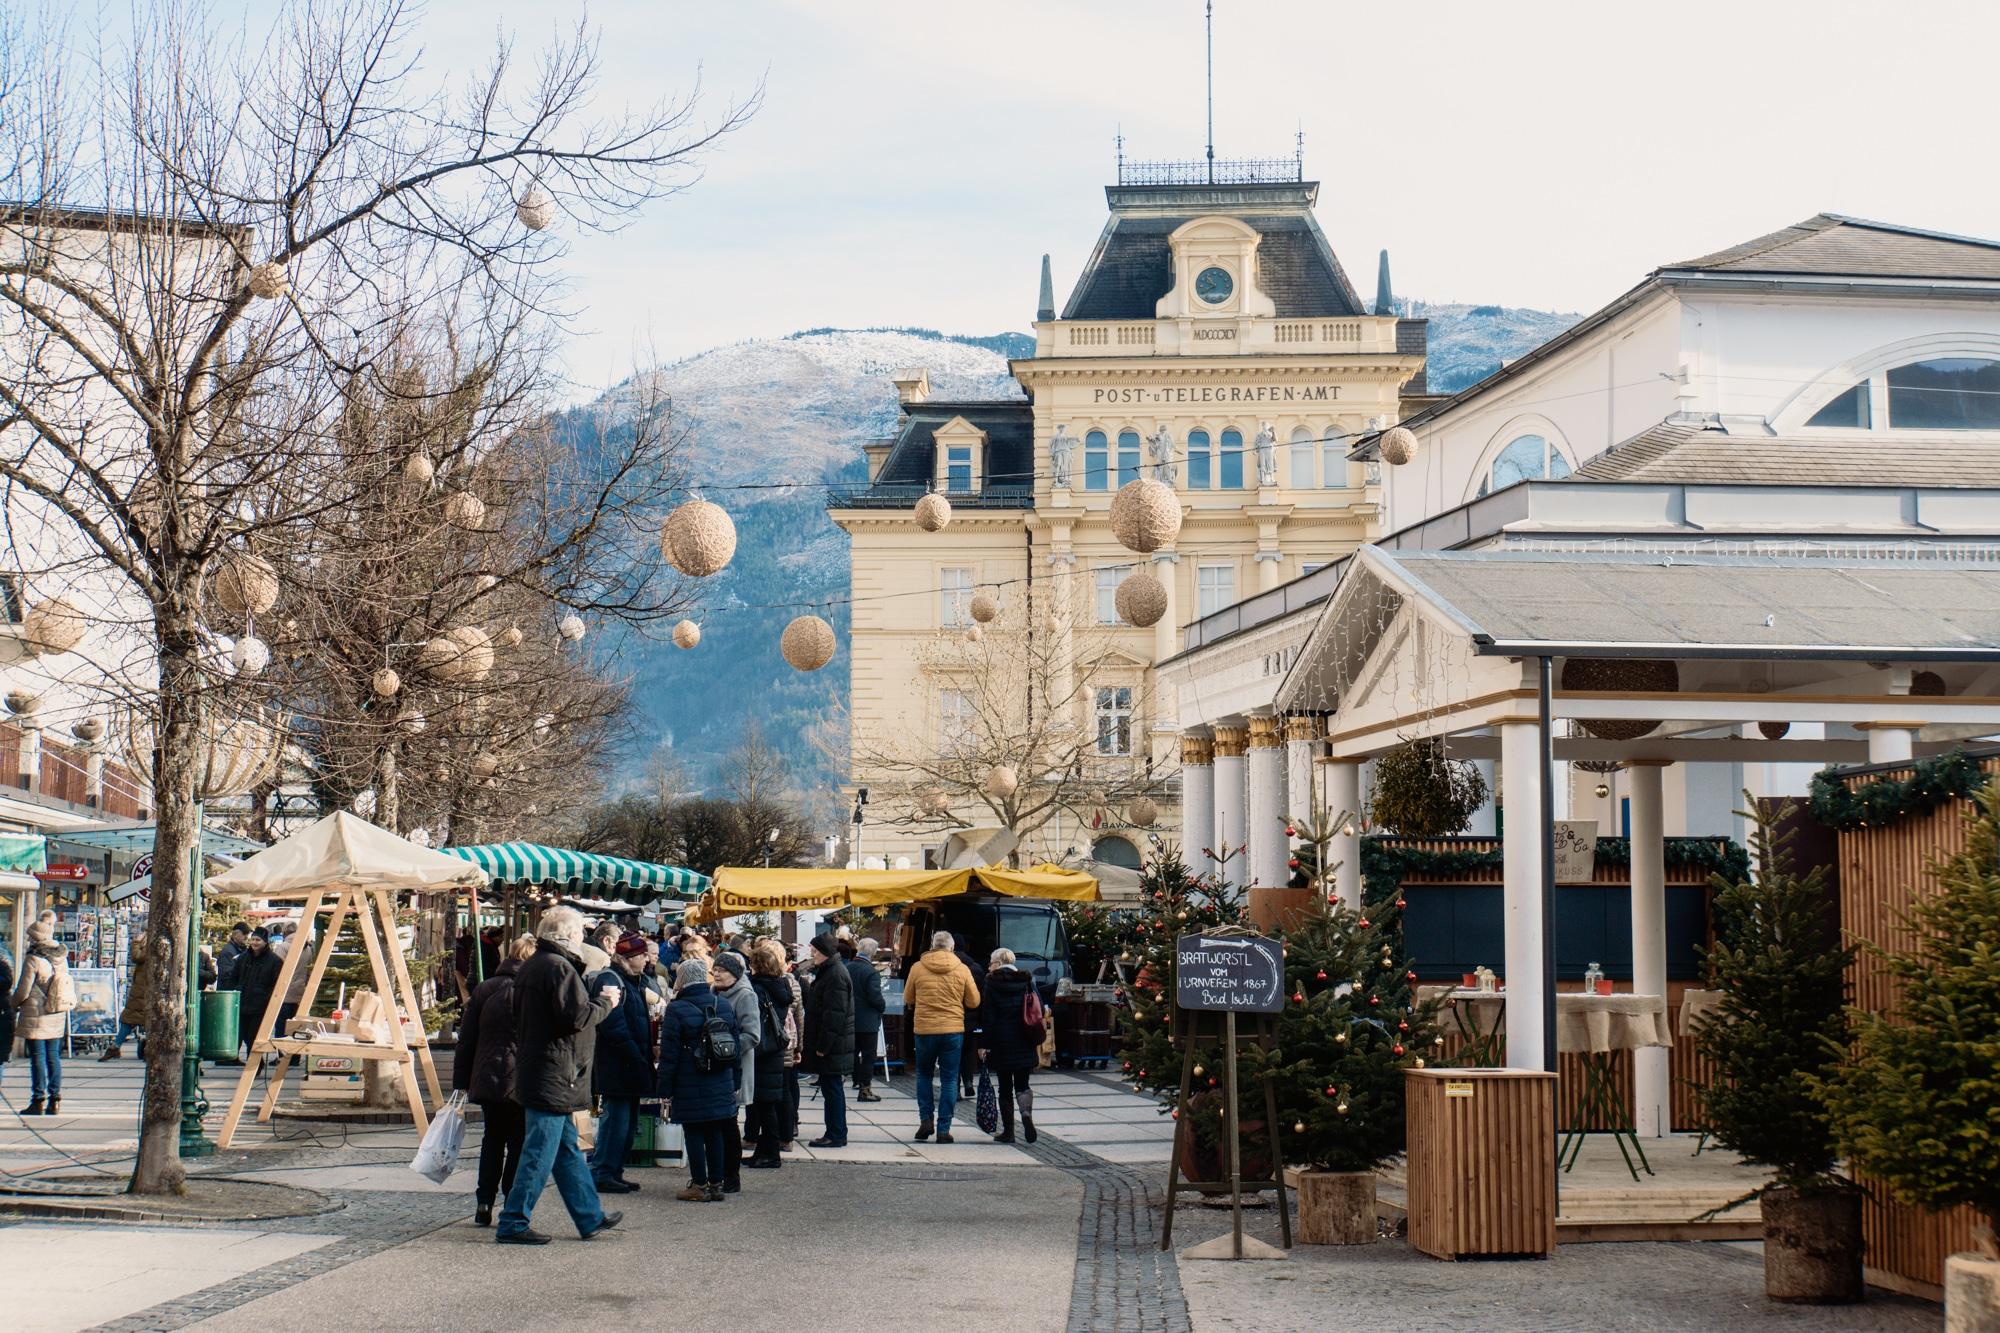 Advent im Salzkammergut: Die schönsten Weihnachtsmärkte der Region - Bad Ischl Christkindlmarkt in der Trinkhalle